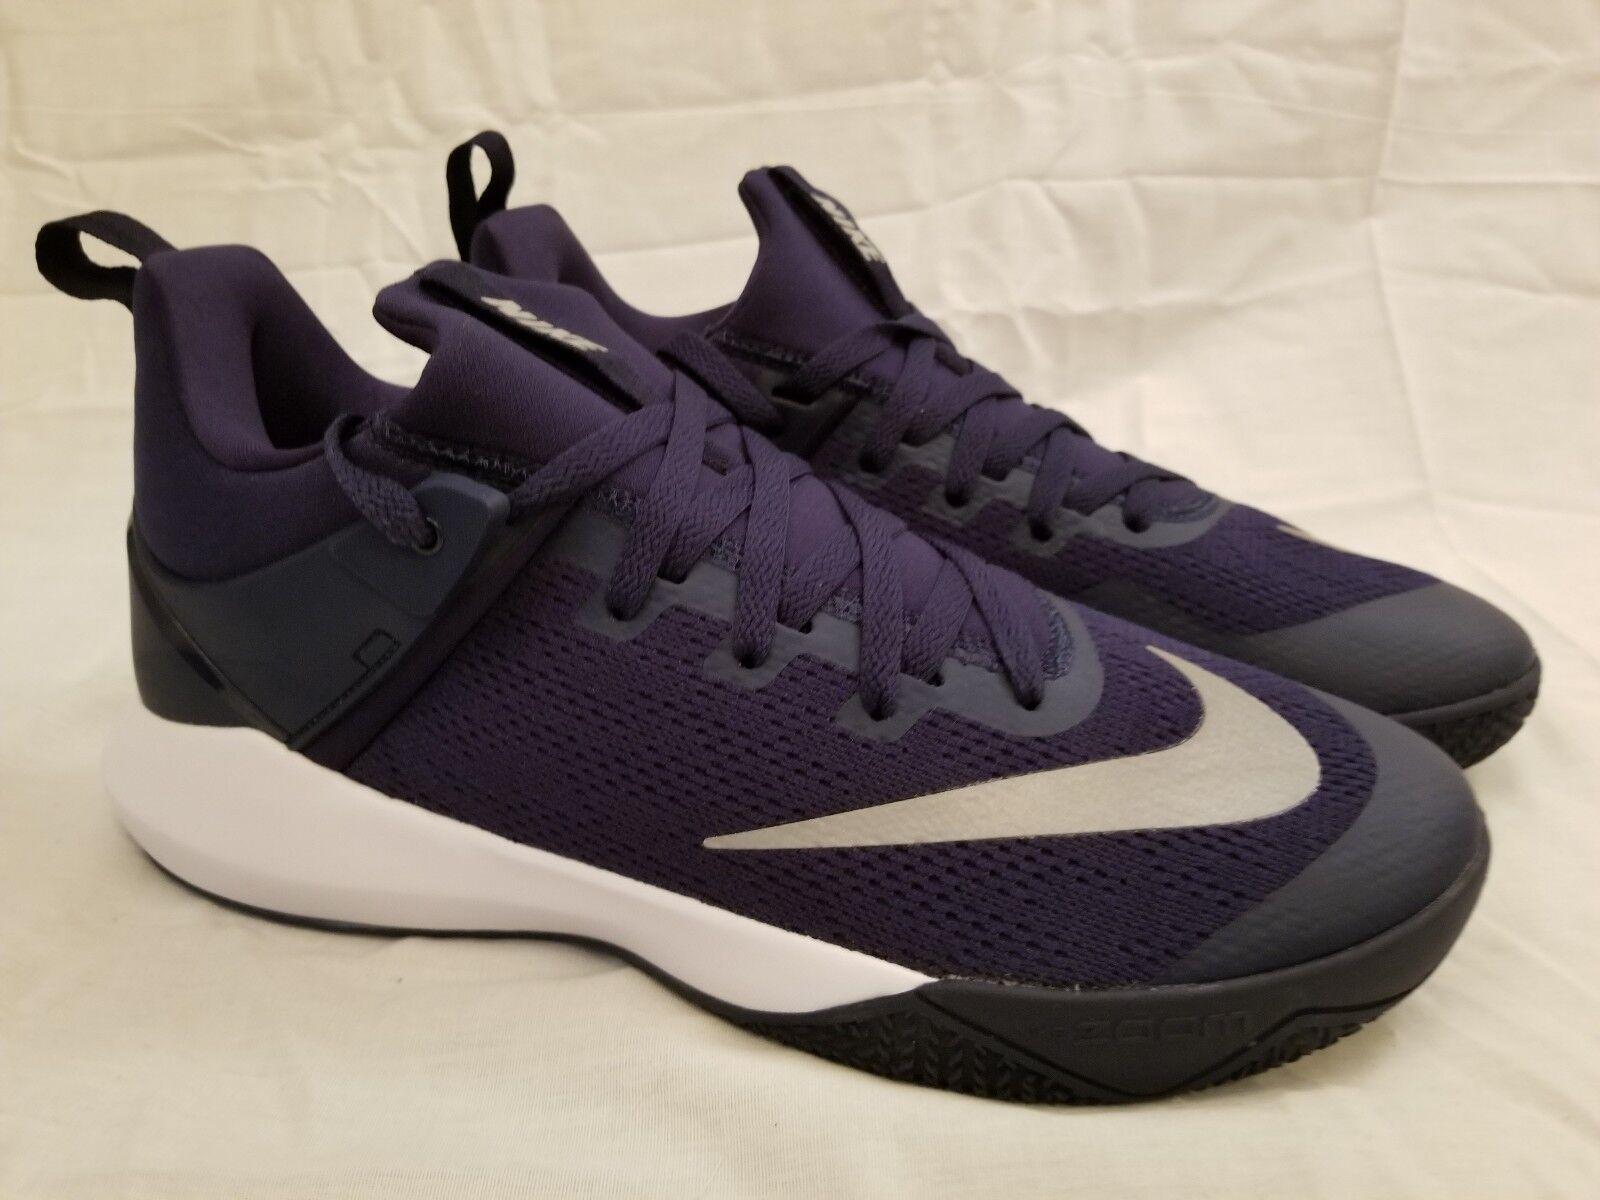 Nike zoom turno tbc mezzanotte marina / numero bianco 897811-401 scarpe uomo numero / 10 e737a4